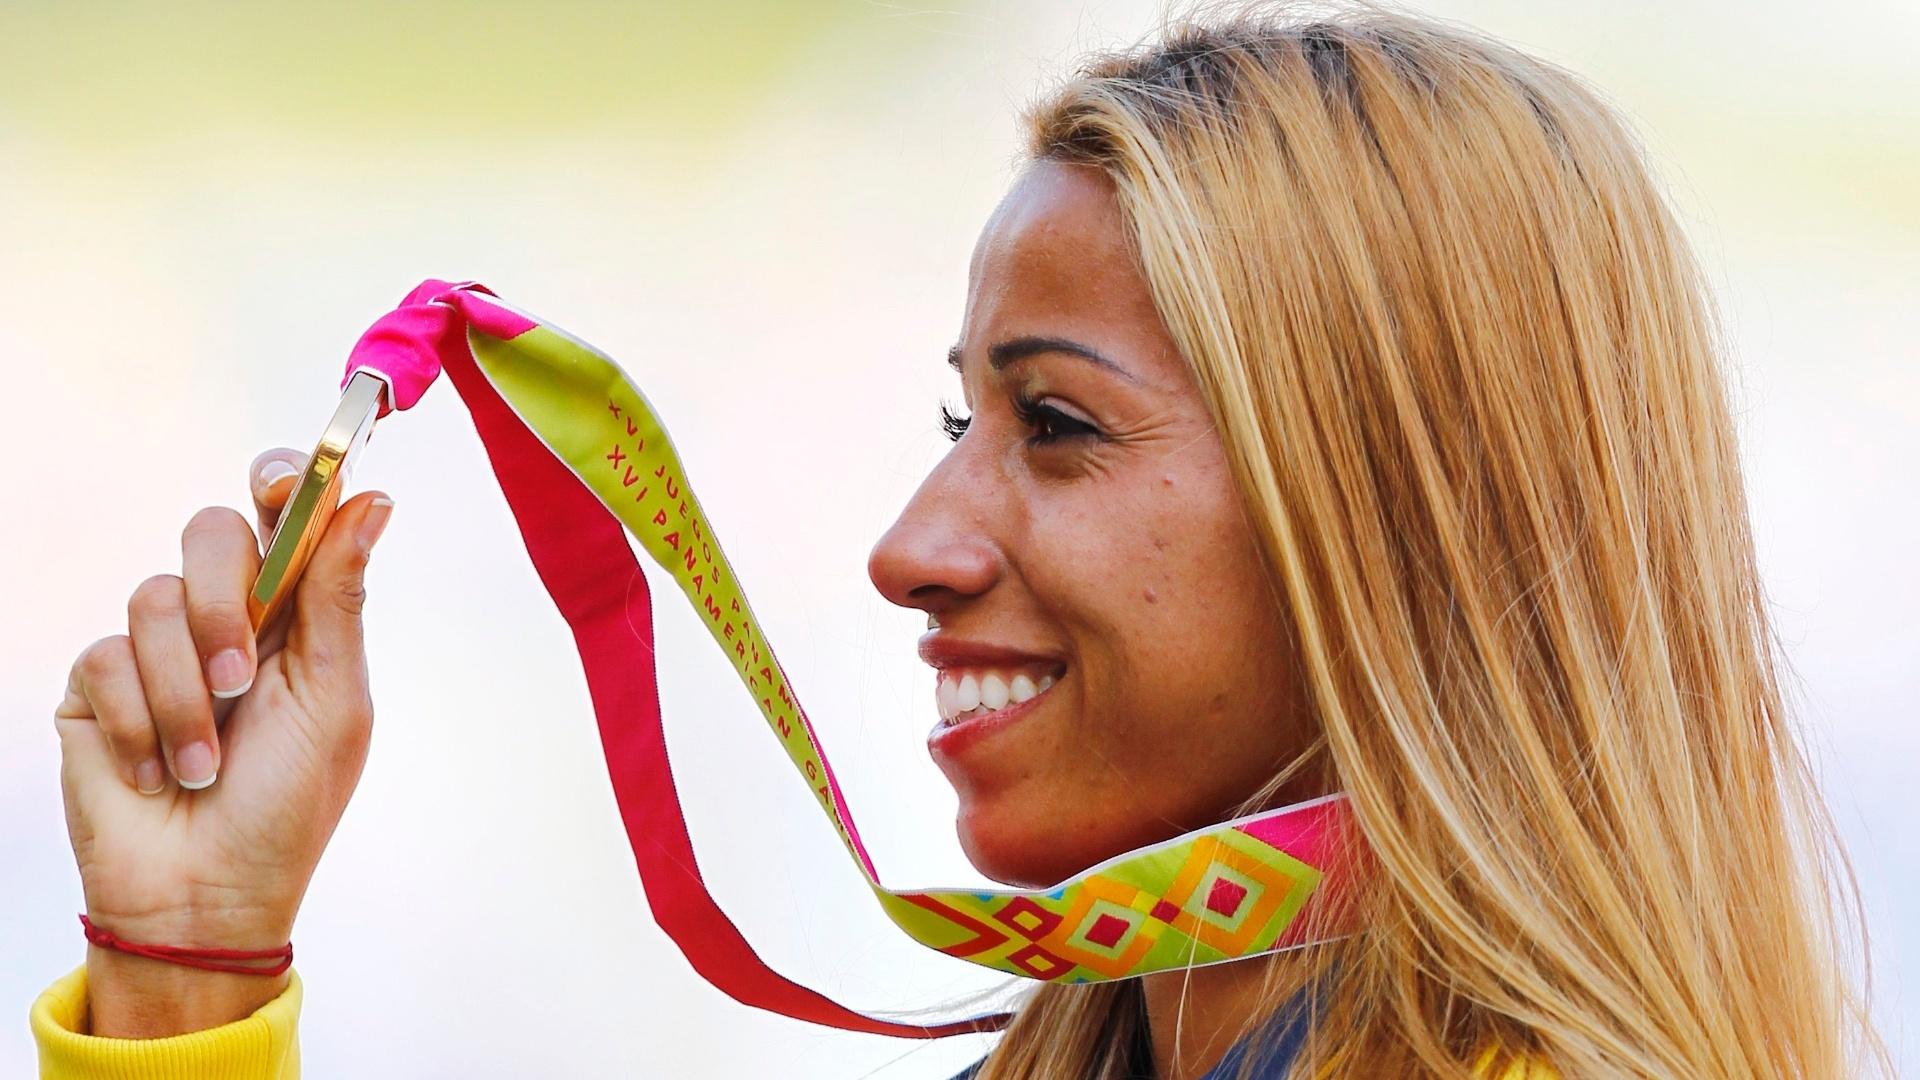 Lucimara Silvestre comemora o ouro na cerimônia de premiação do heptatlo (27/10/2011)